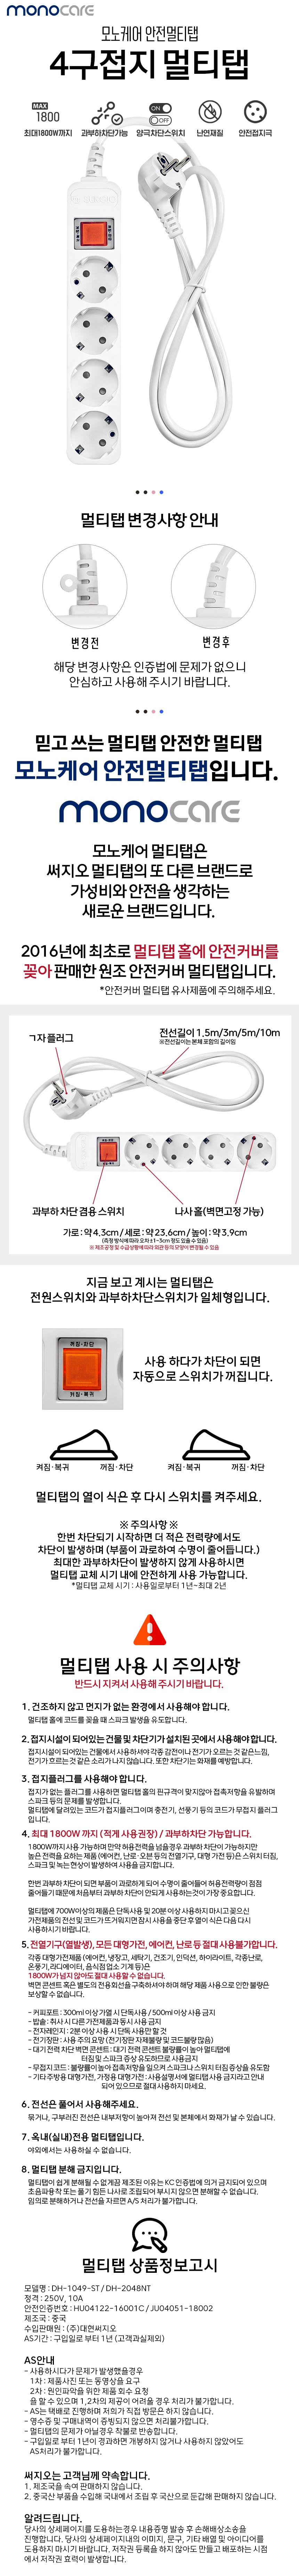 대현써지오 대현써지오 모노케어 4구 10A 메인스위치 멀티탭 (1.5m)